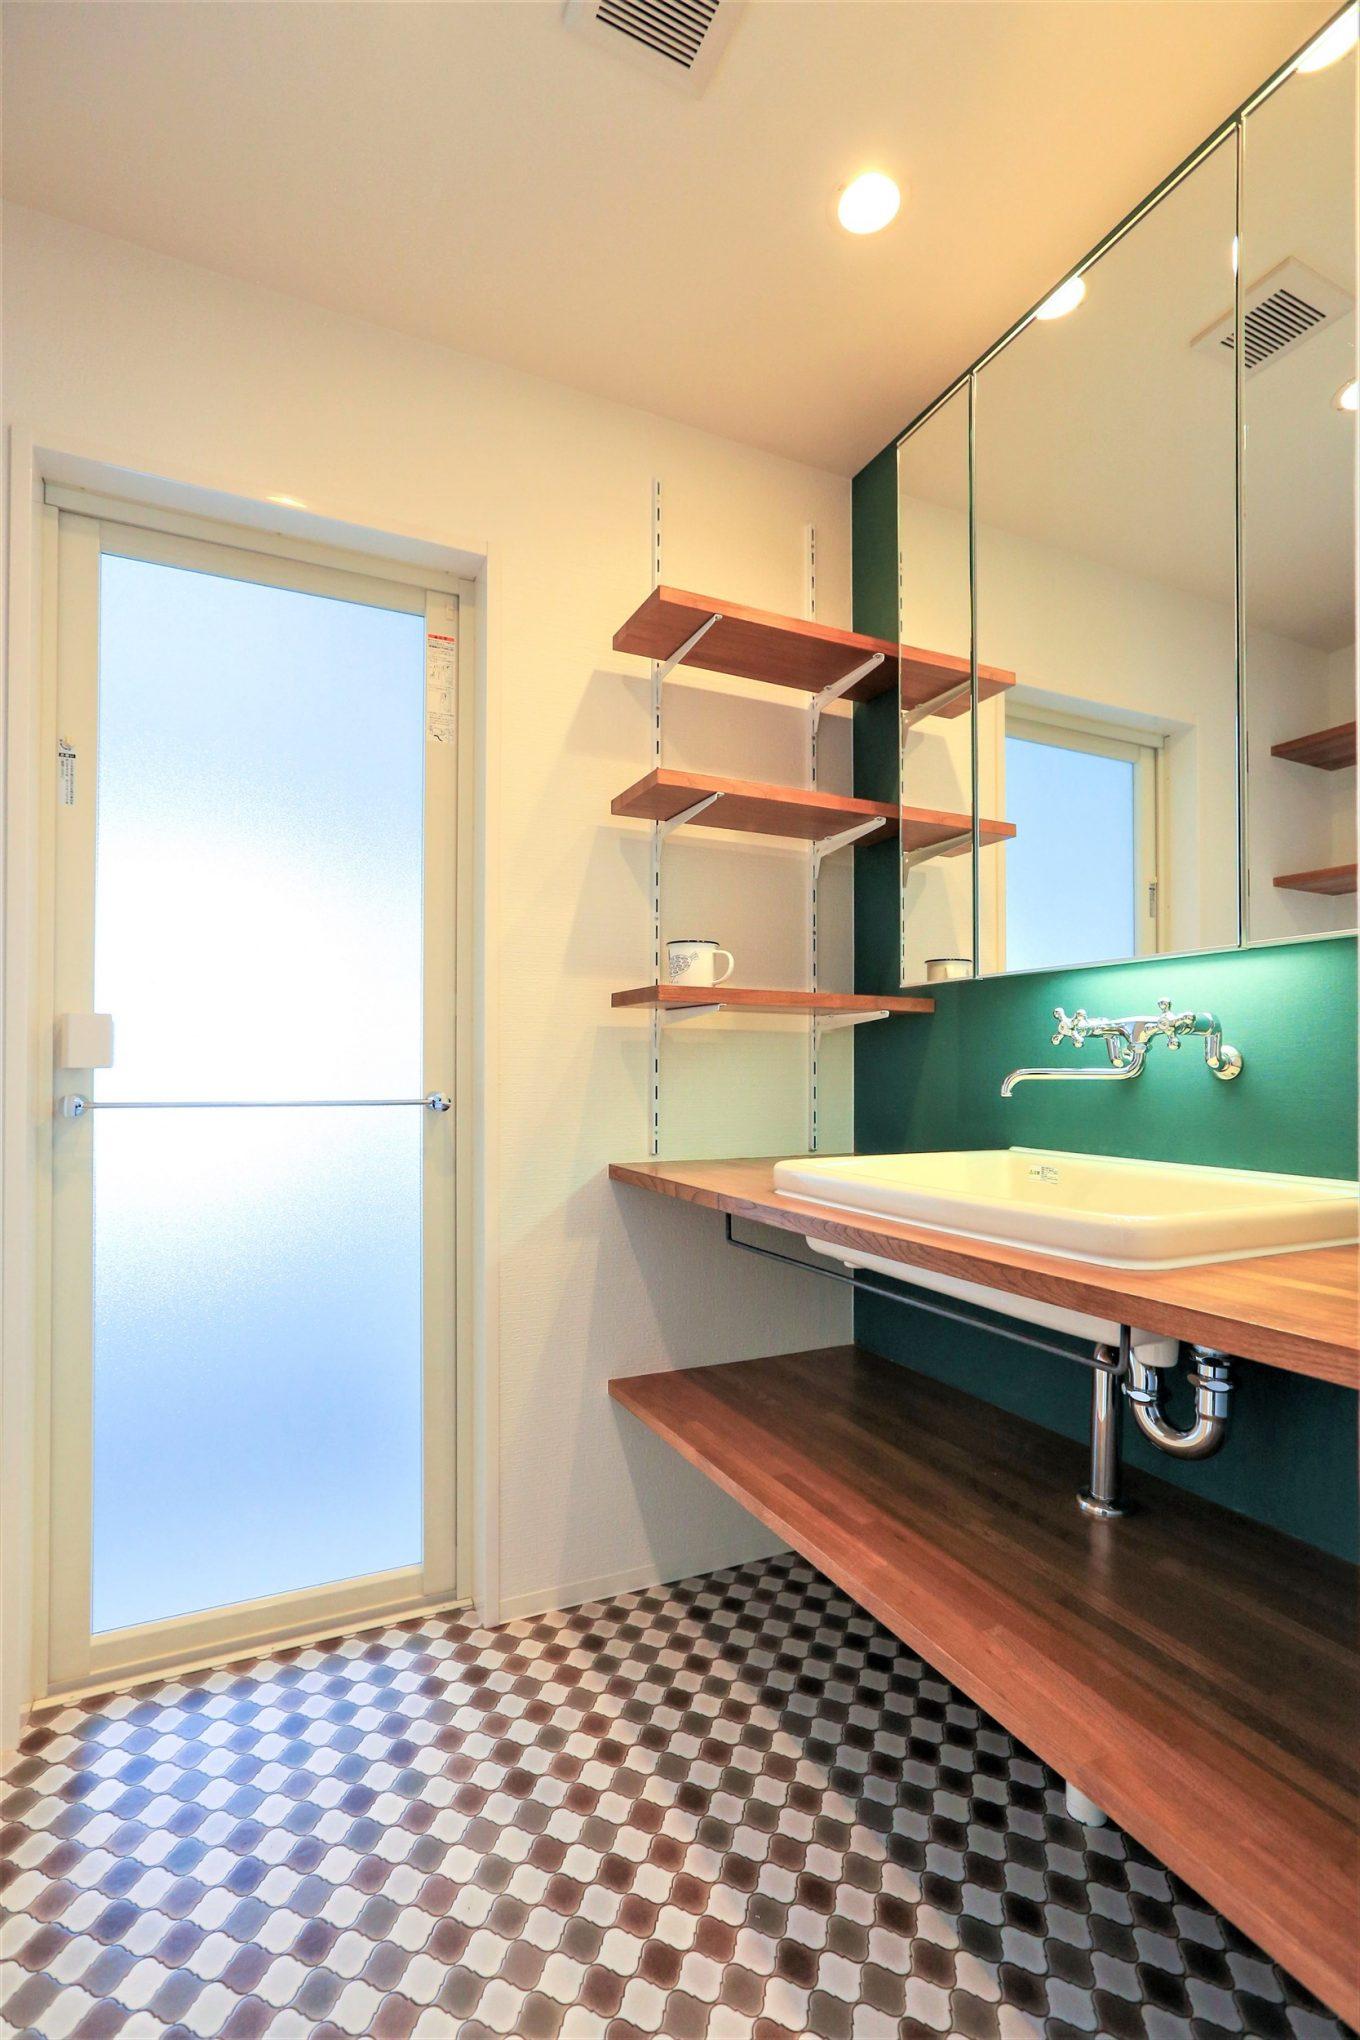 鮮やかなグリーンを差し色に入れた造作洗面台。